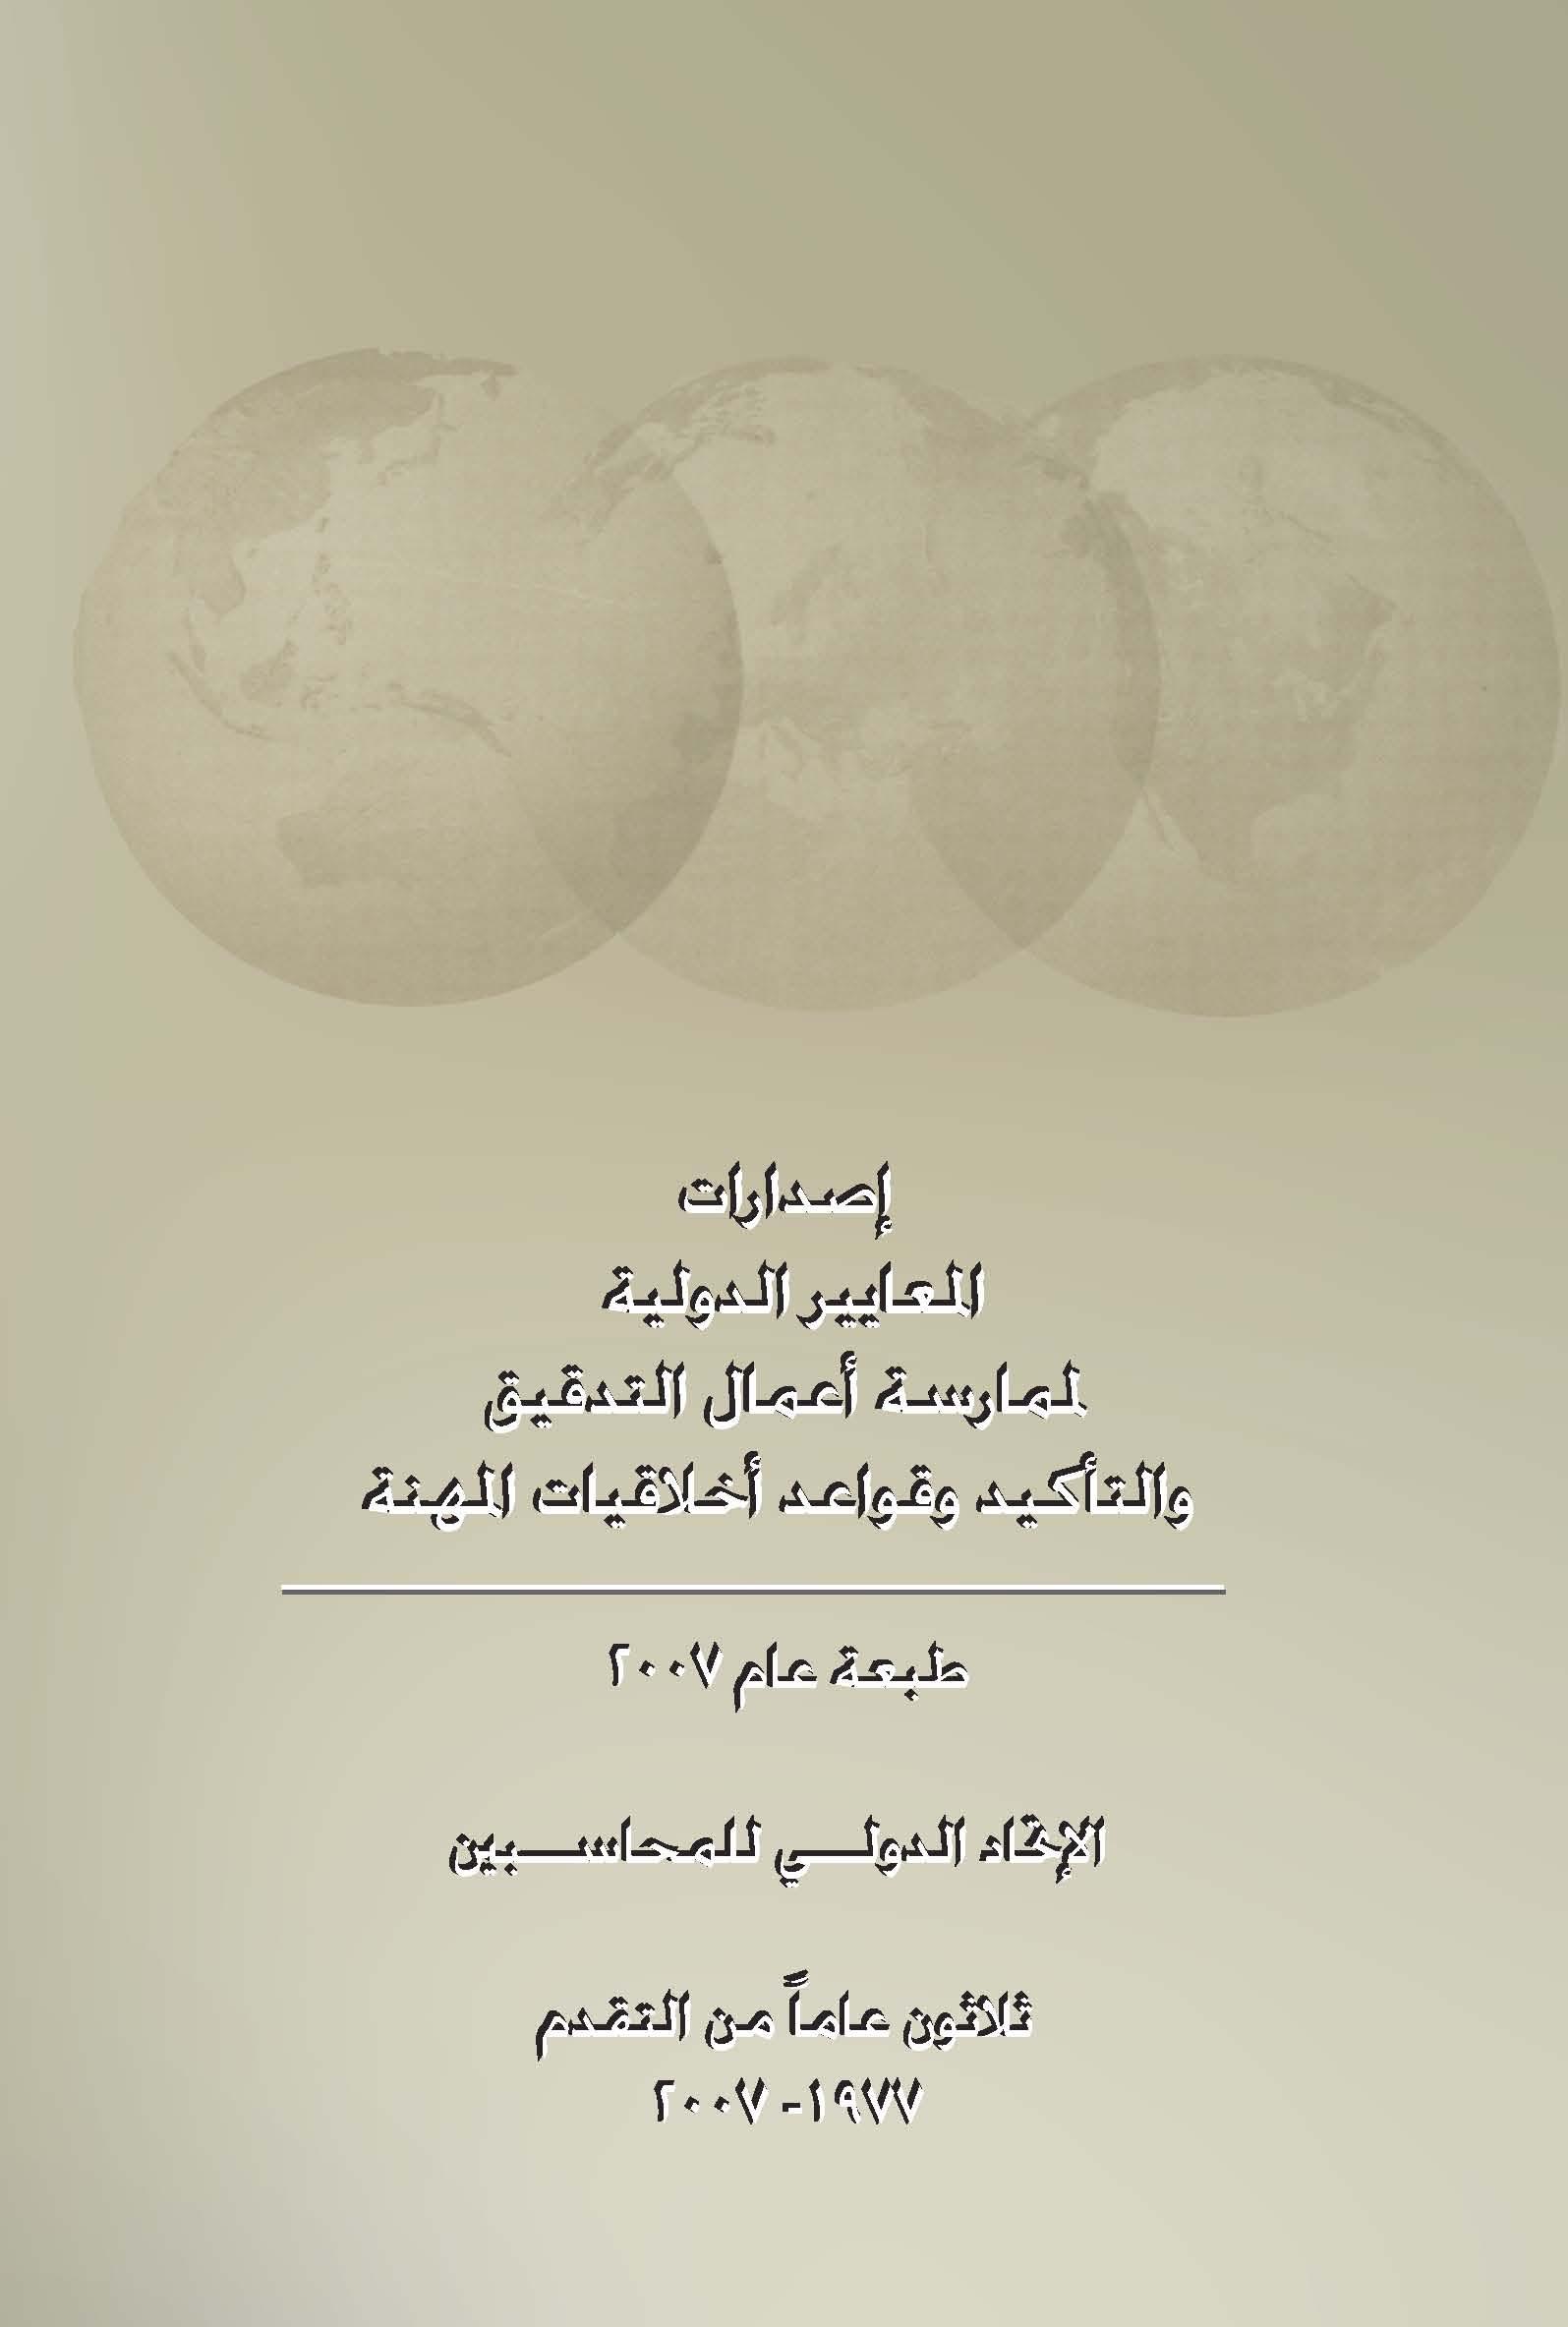 إصدارات المعايير الدولية لممارسة أعمال التدقيق والتأكيد وقواعد أخلاقيات المهنة 2007